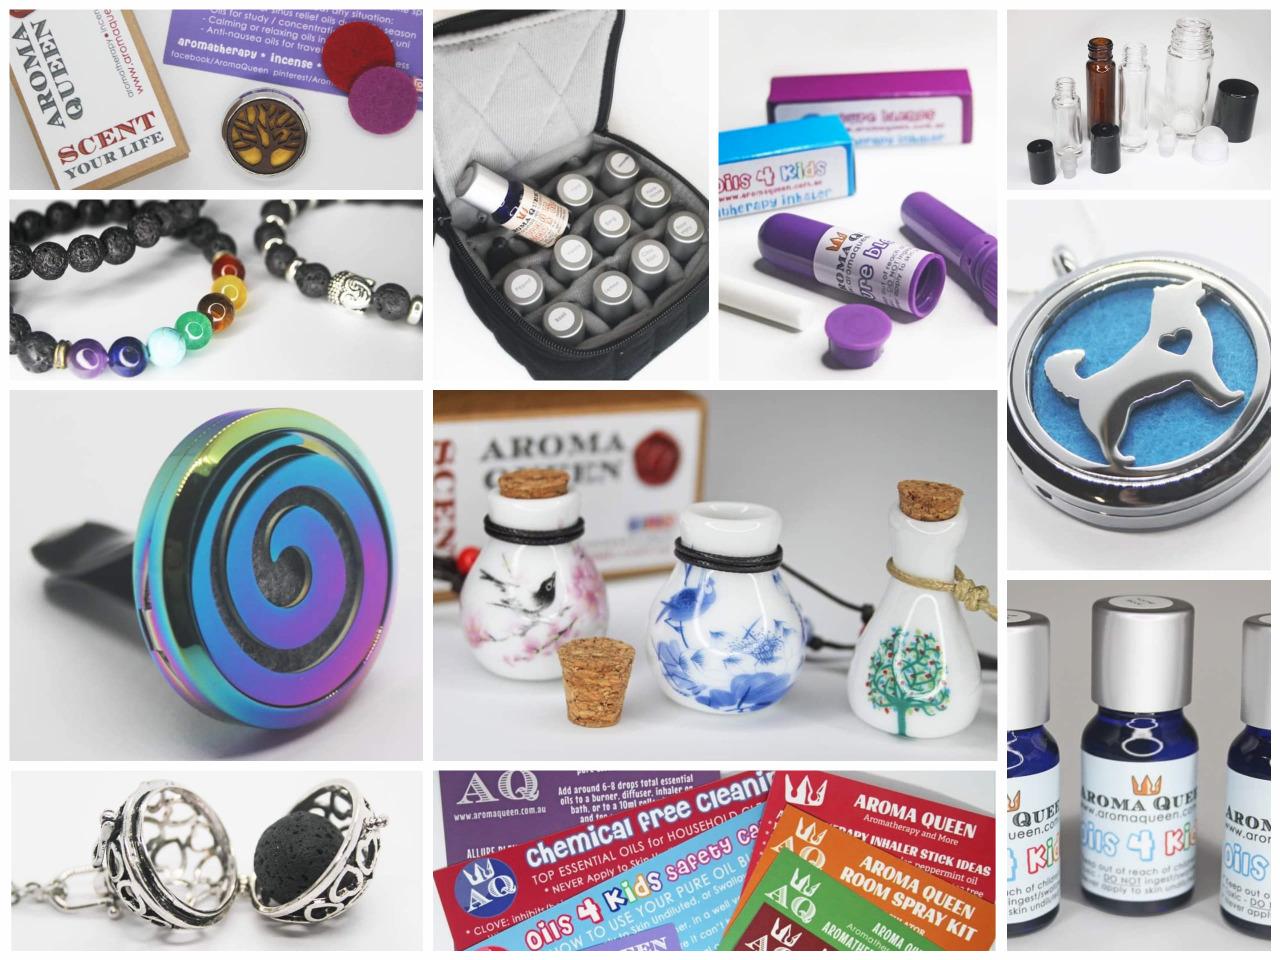 AQ Aromatherapy Packs & Kits